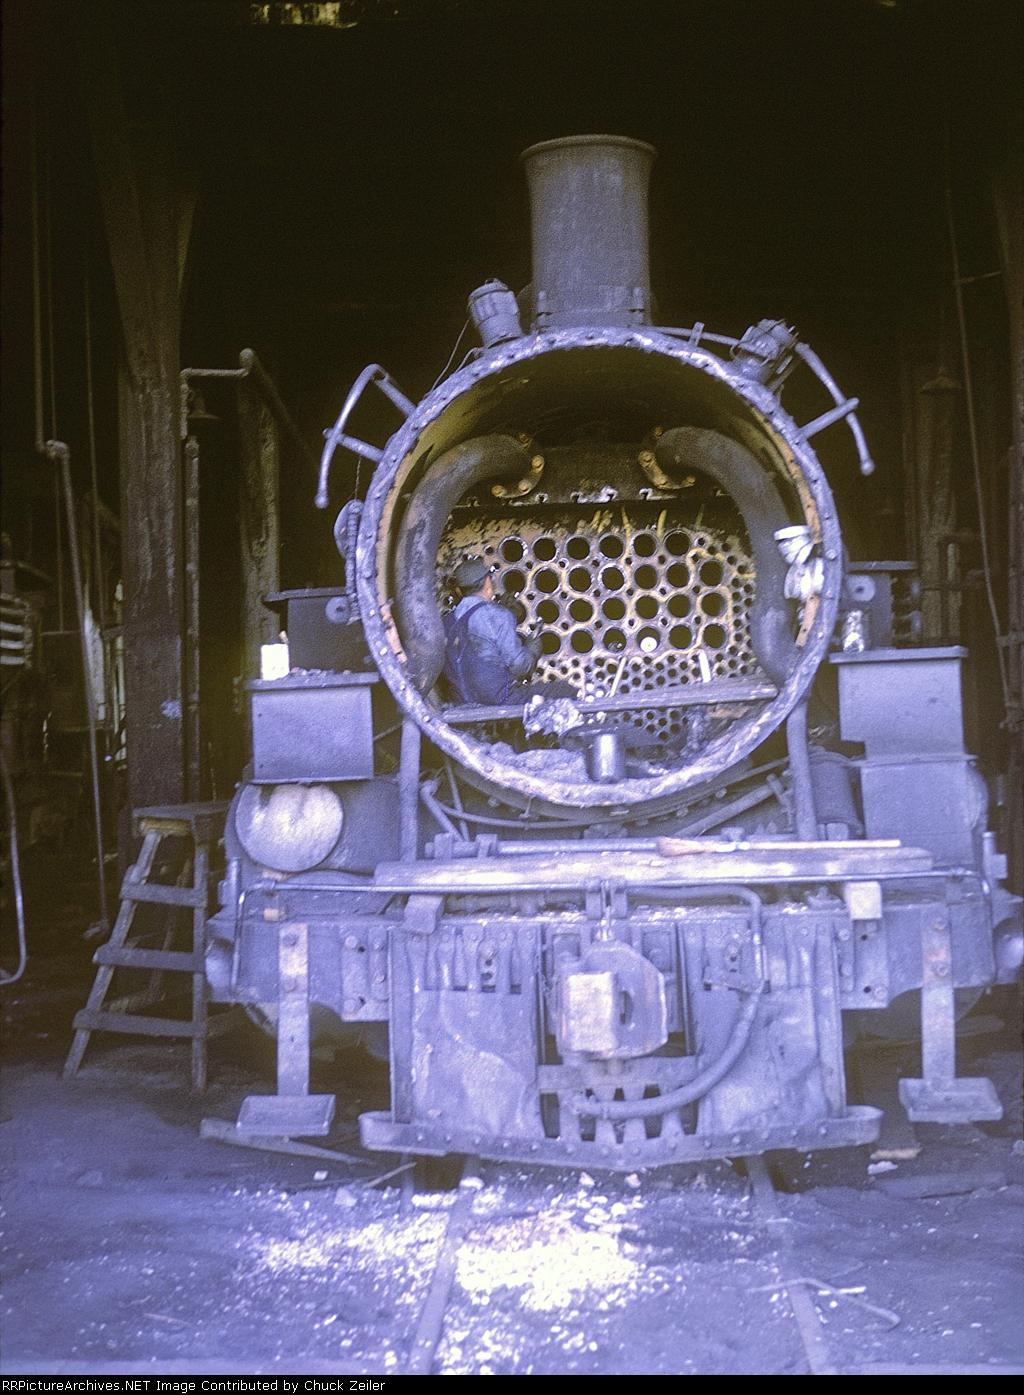 D&RGW 2-8-2 Class K-37 498